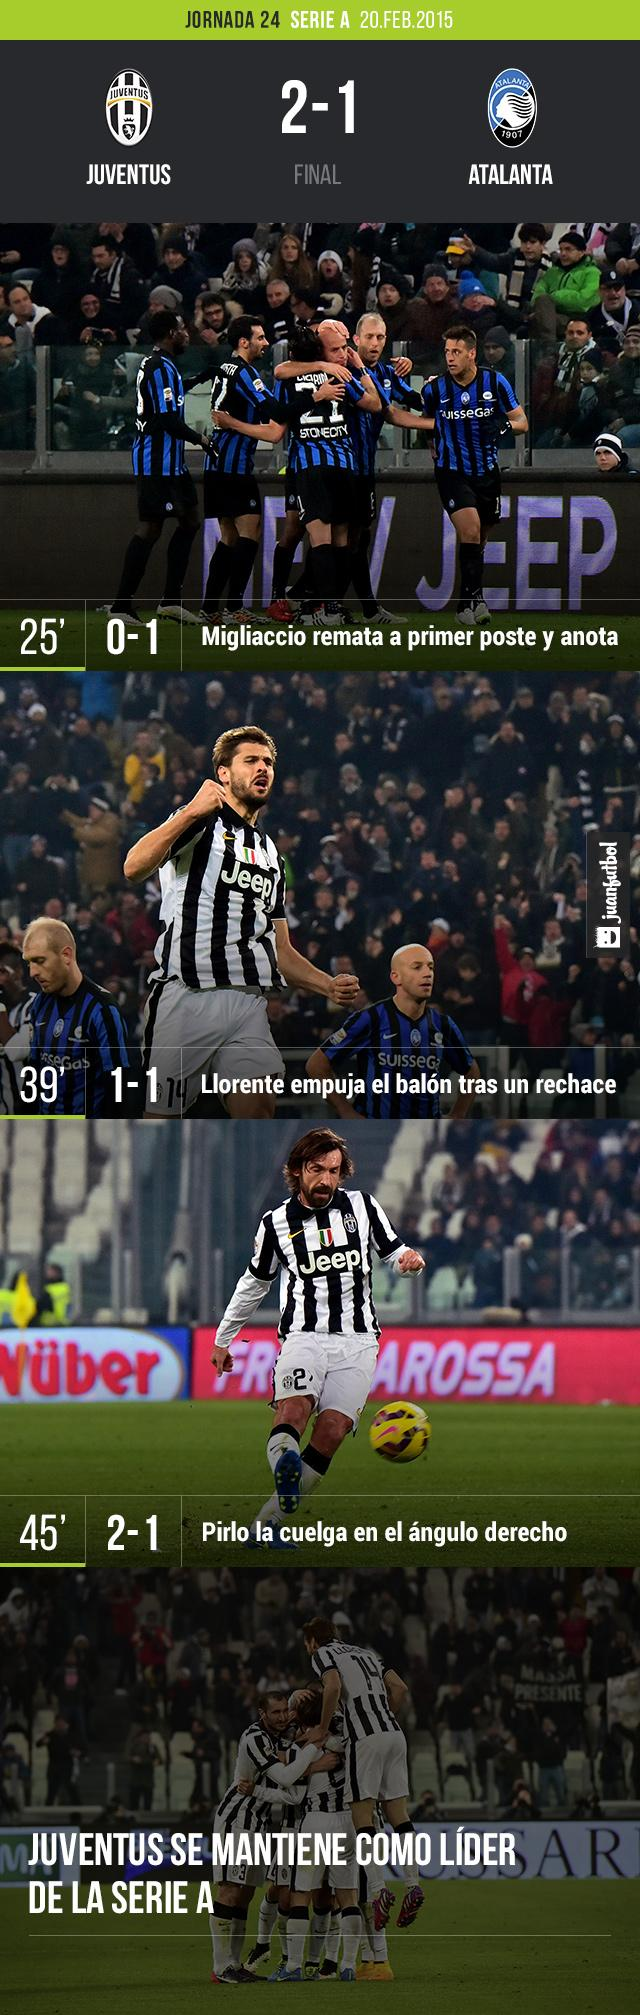 Juventus venció 2-1 al Atalanta en la jornada 24 de la Serie A. Lo goles estuvieron a cargo de Llorente y Pirlo